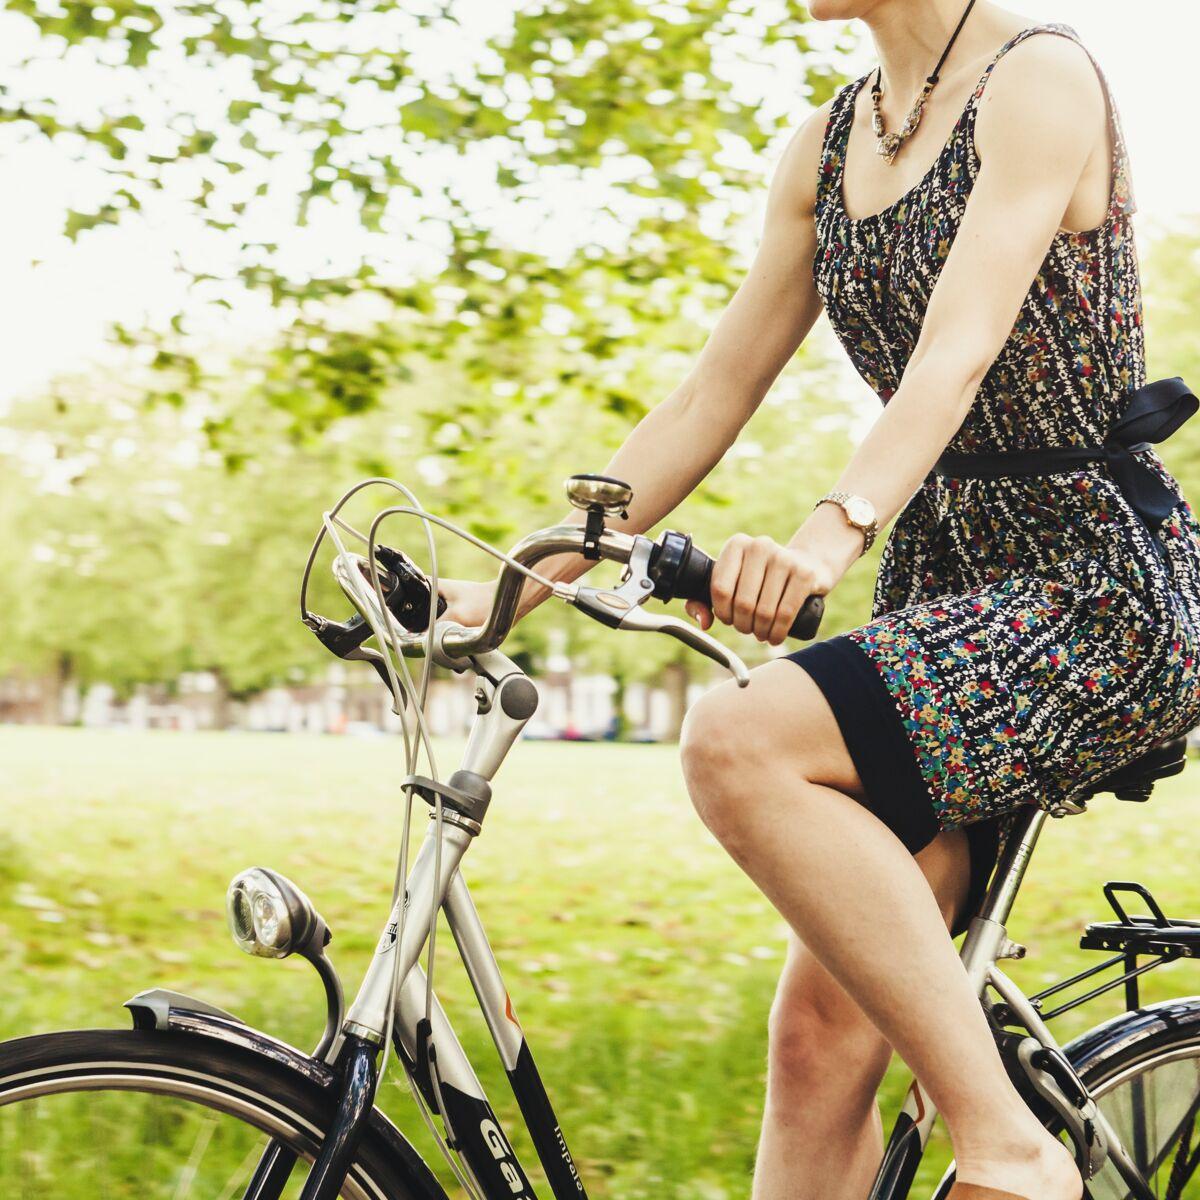 perte de poids lysine est-ce que serrer votre graisse aide à perdre du poids